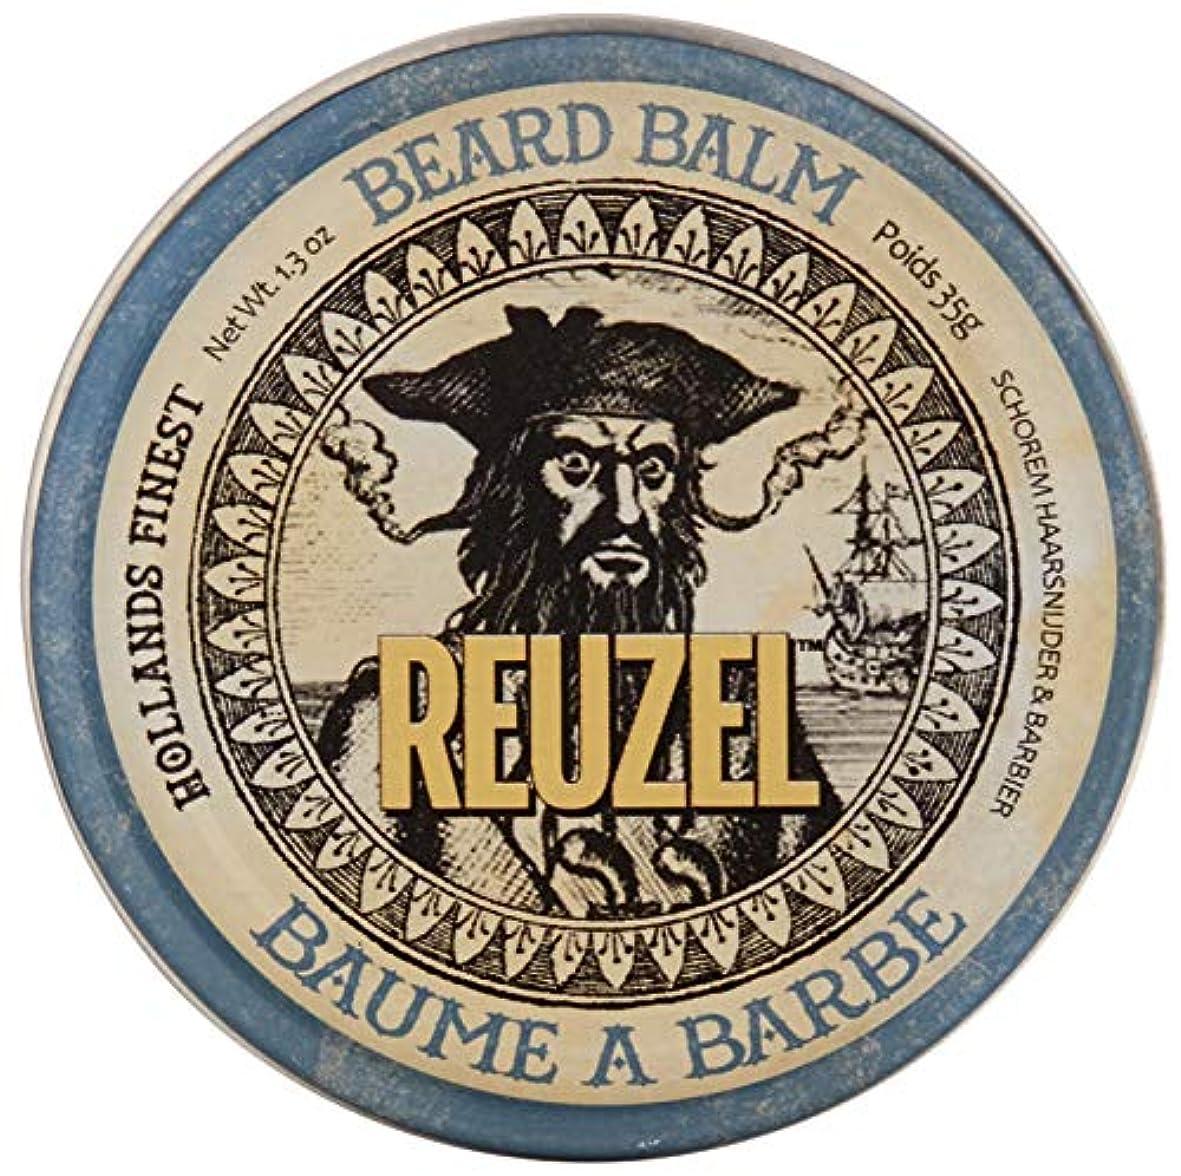 あいまいさ団結砂のreuzel BEARD BALM 1.3 oz by REUZEL